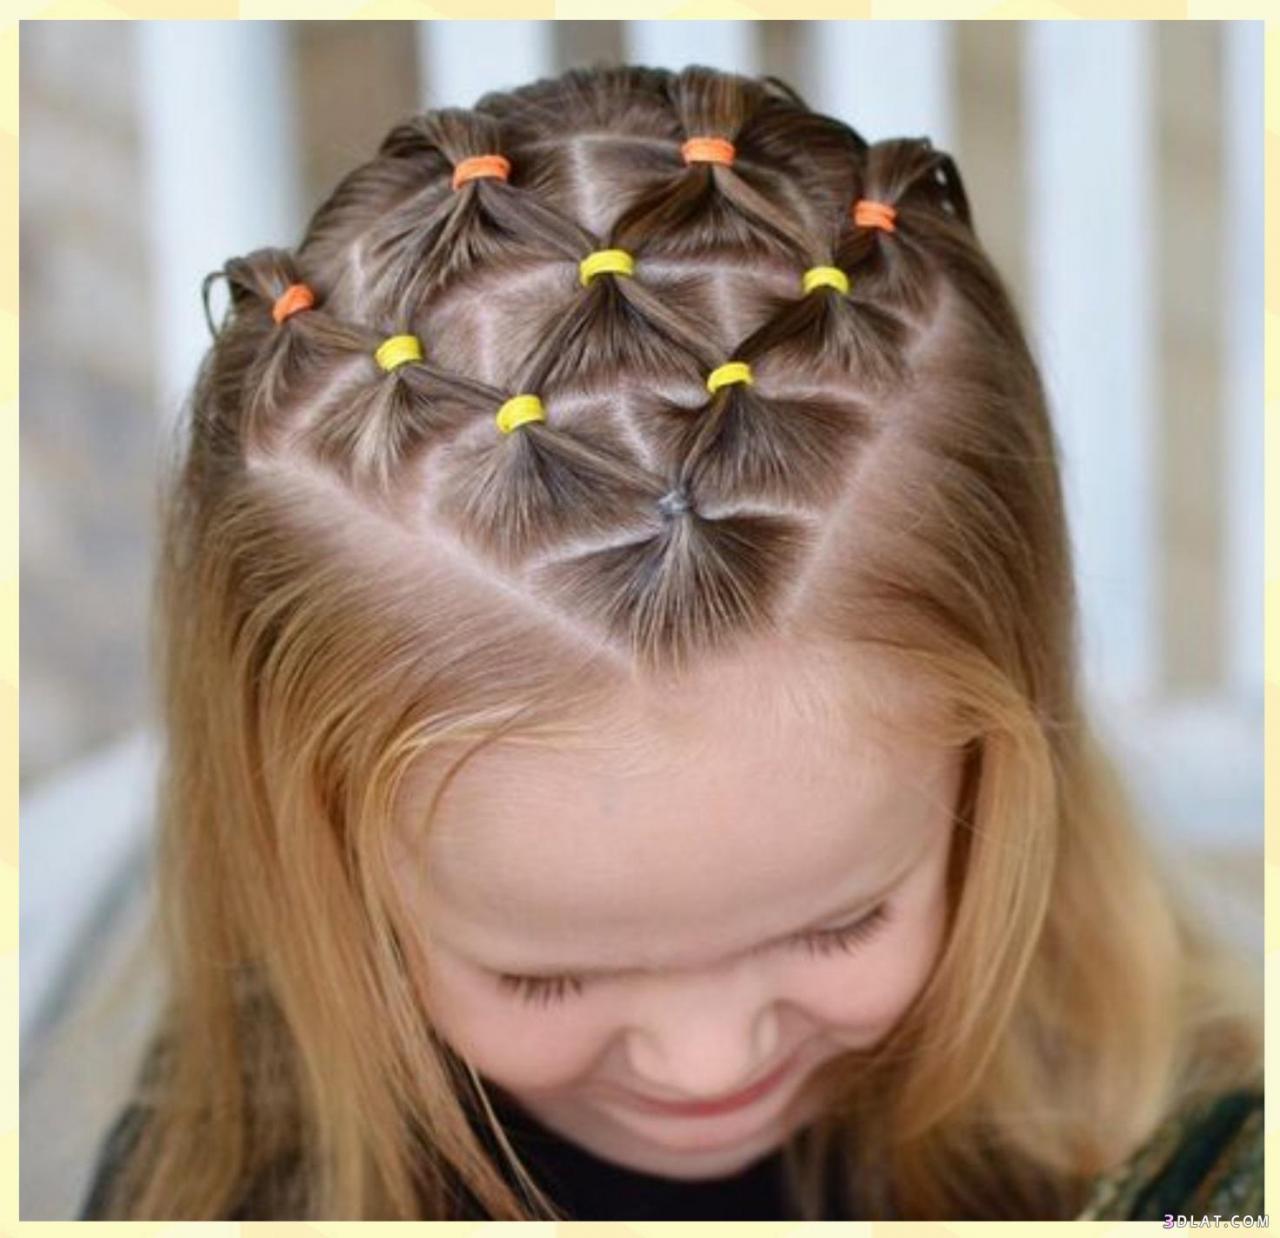 صورة بالصور تسريحات شعر للاطفال , اجمل التسريحات العصرية للاطفال